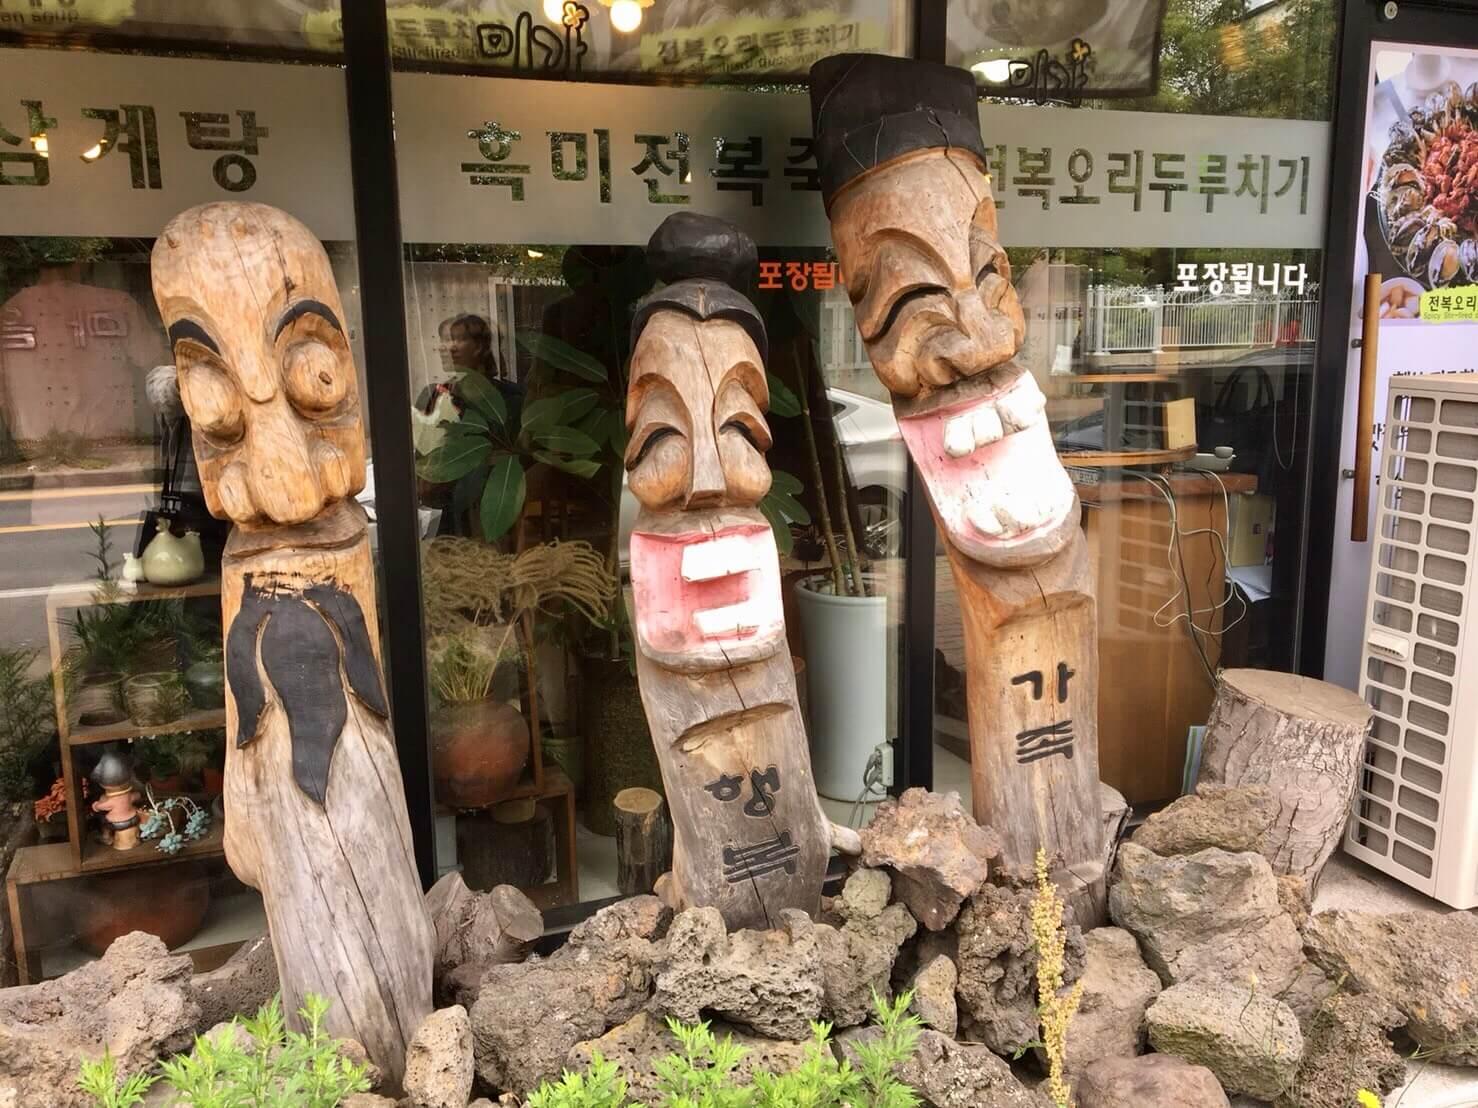 韓国・チェジュ島のサムゲタンのお店の外観